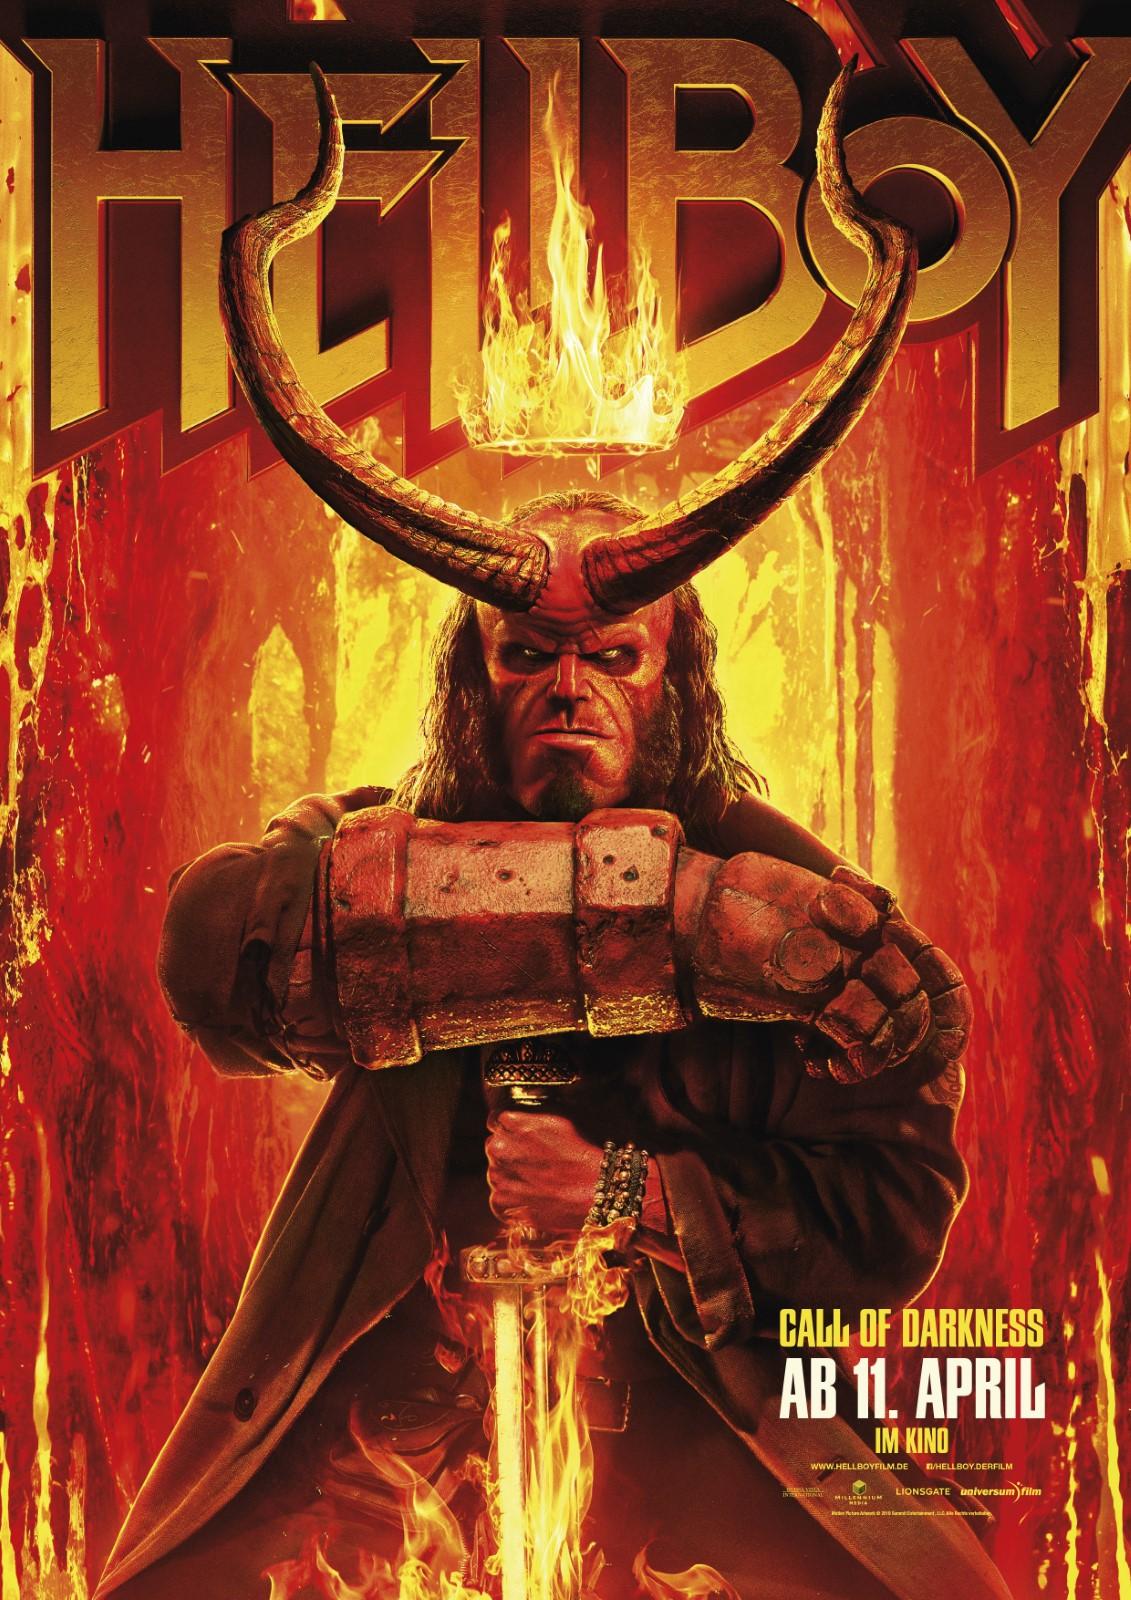 Hellboy 2 Besetzung